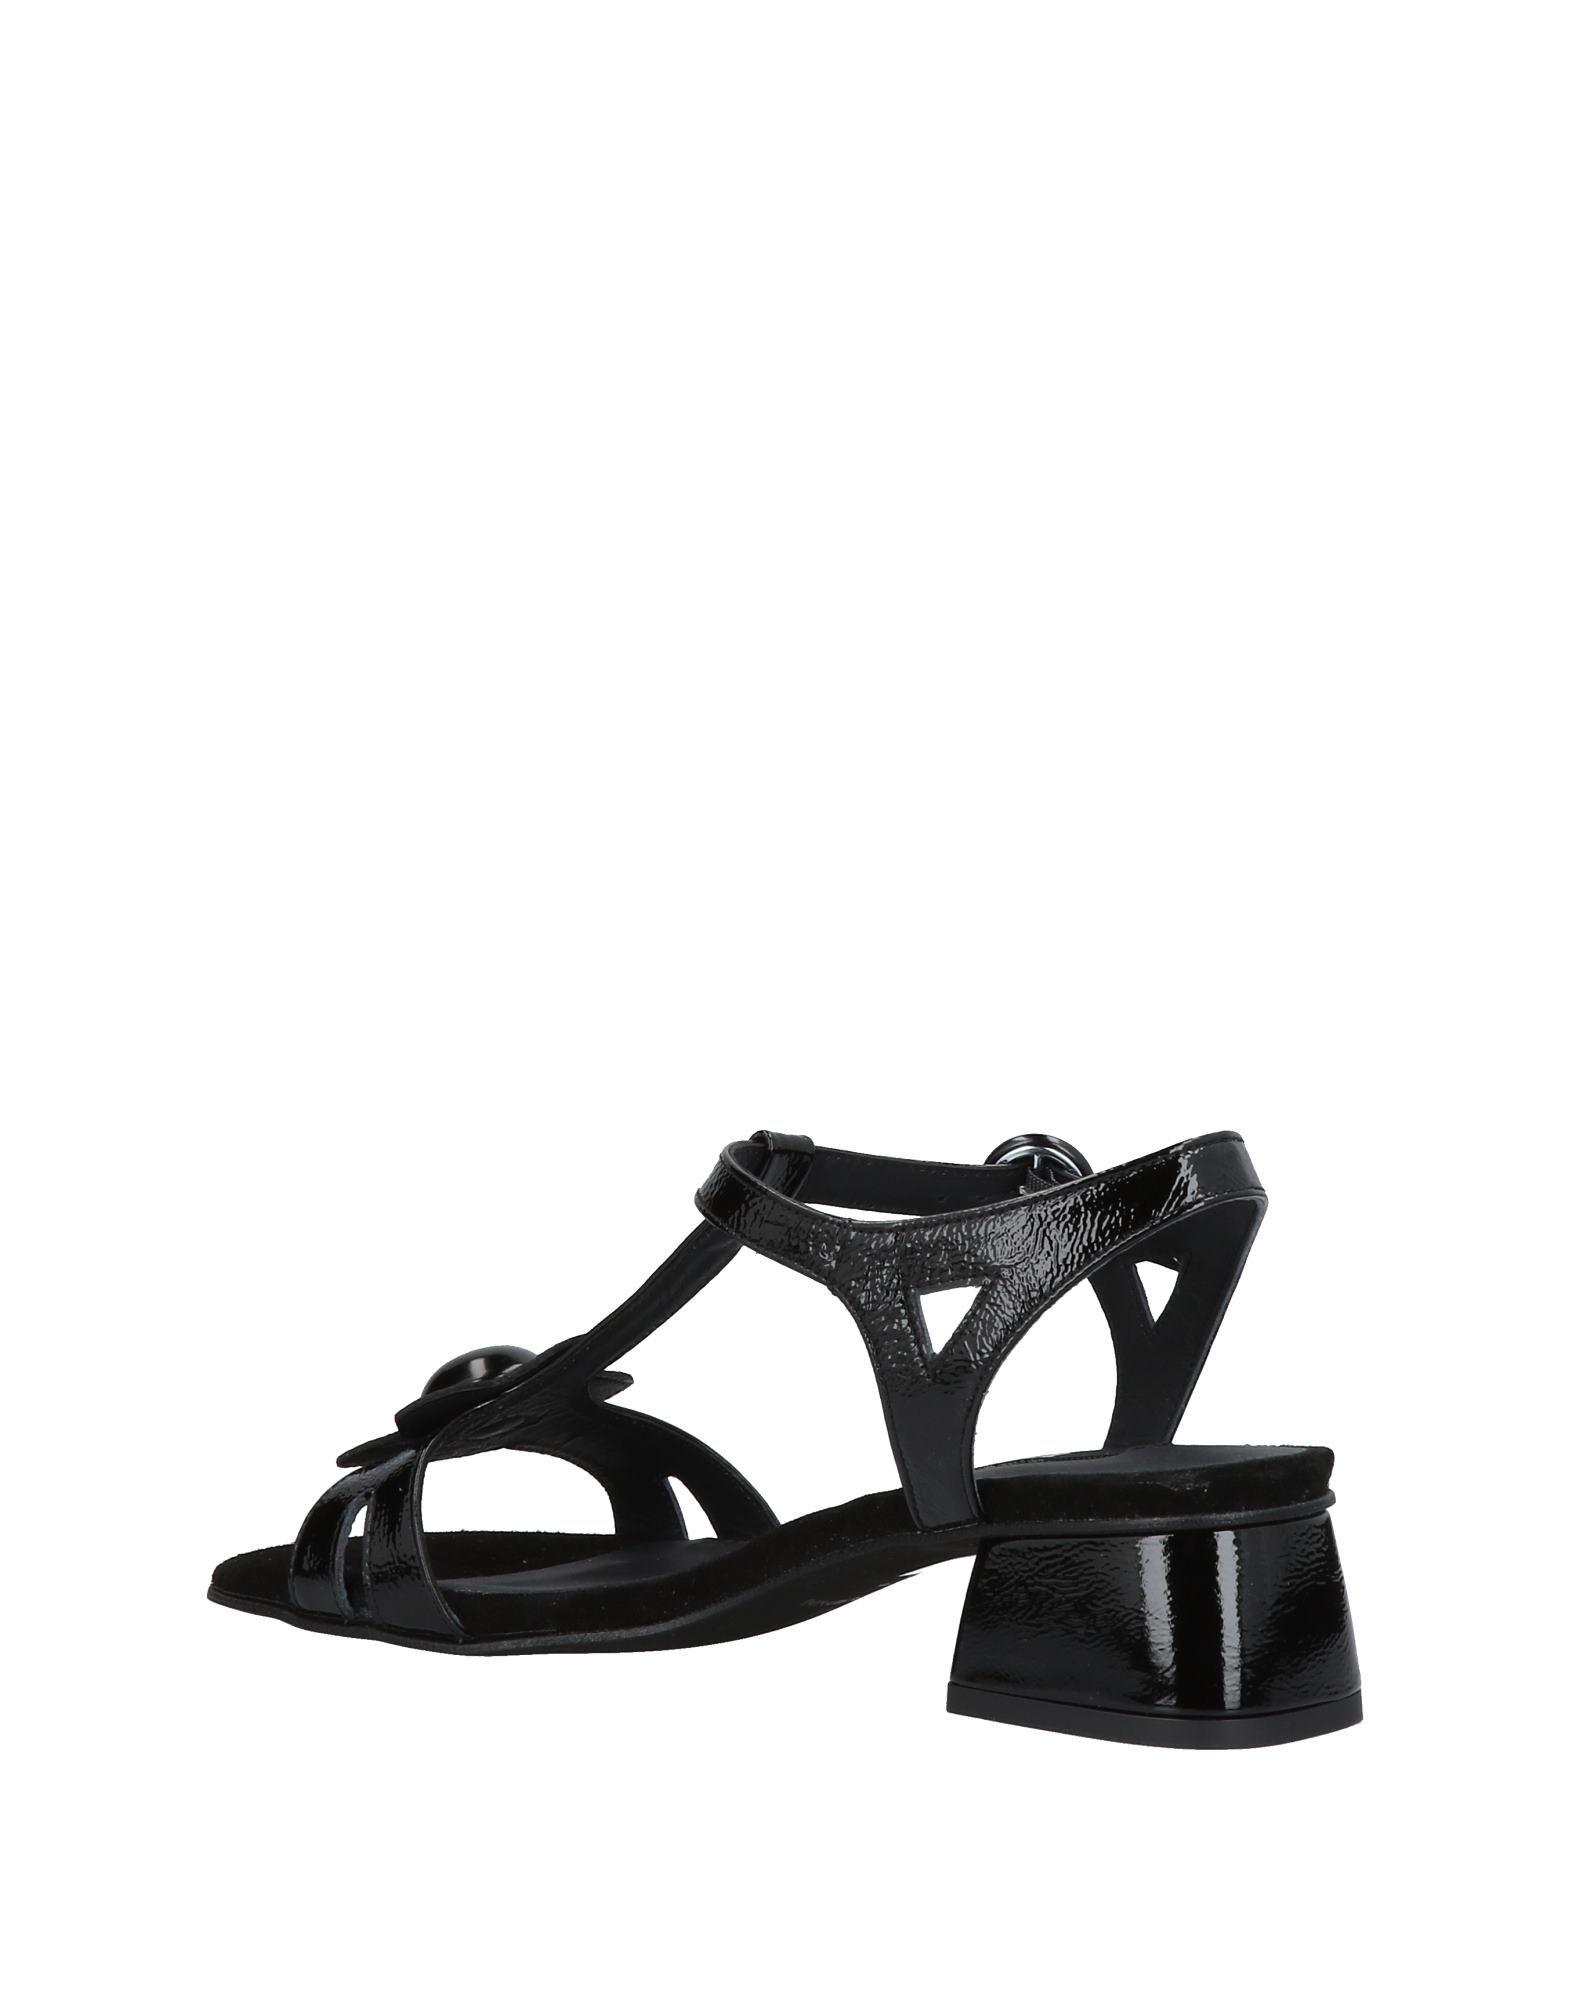 Zinda Sandalen Damen beliebte  11432616WV Gute Qualität beliebte Damen Schuhe 9855c6